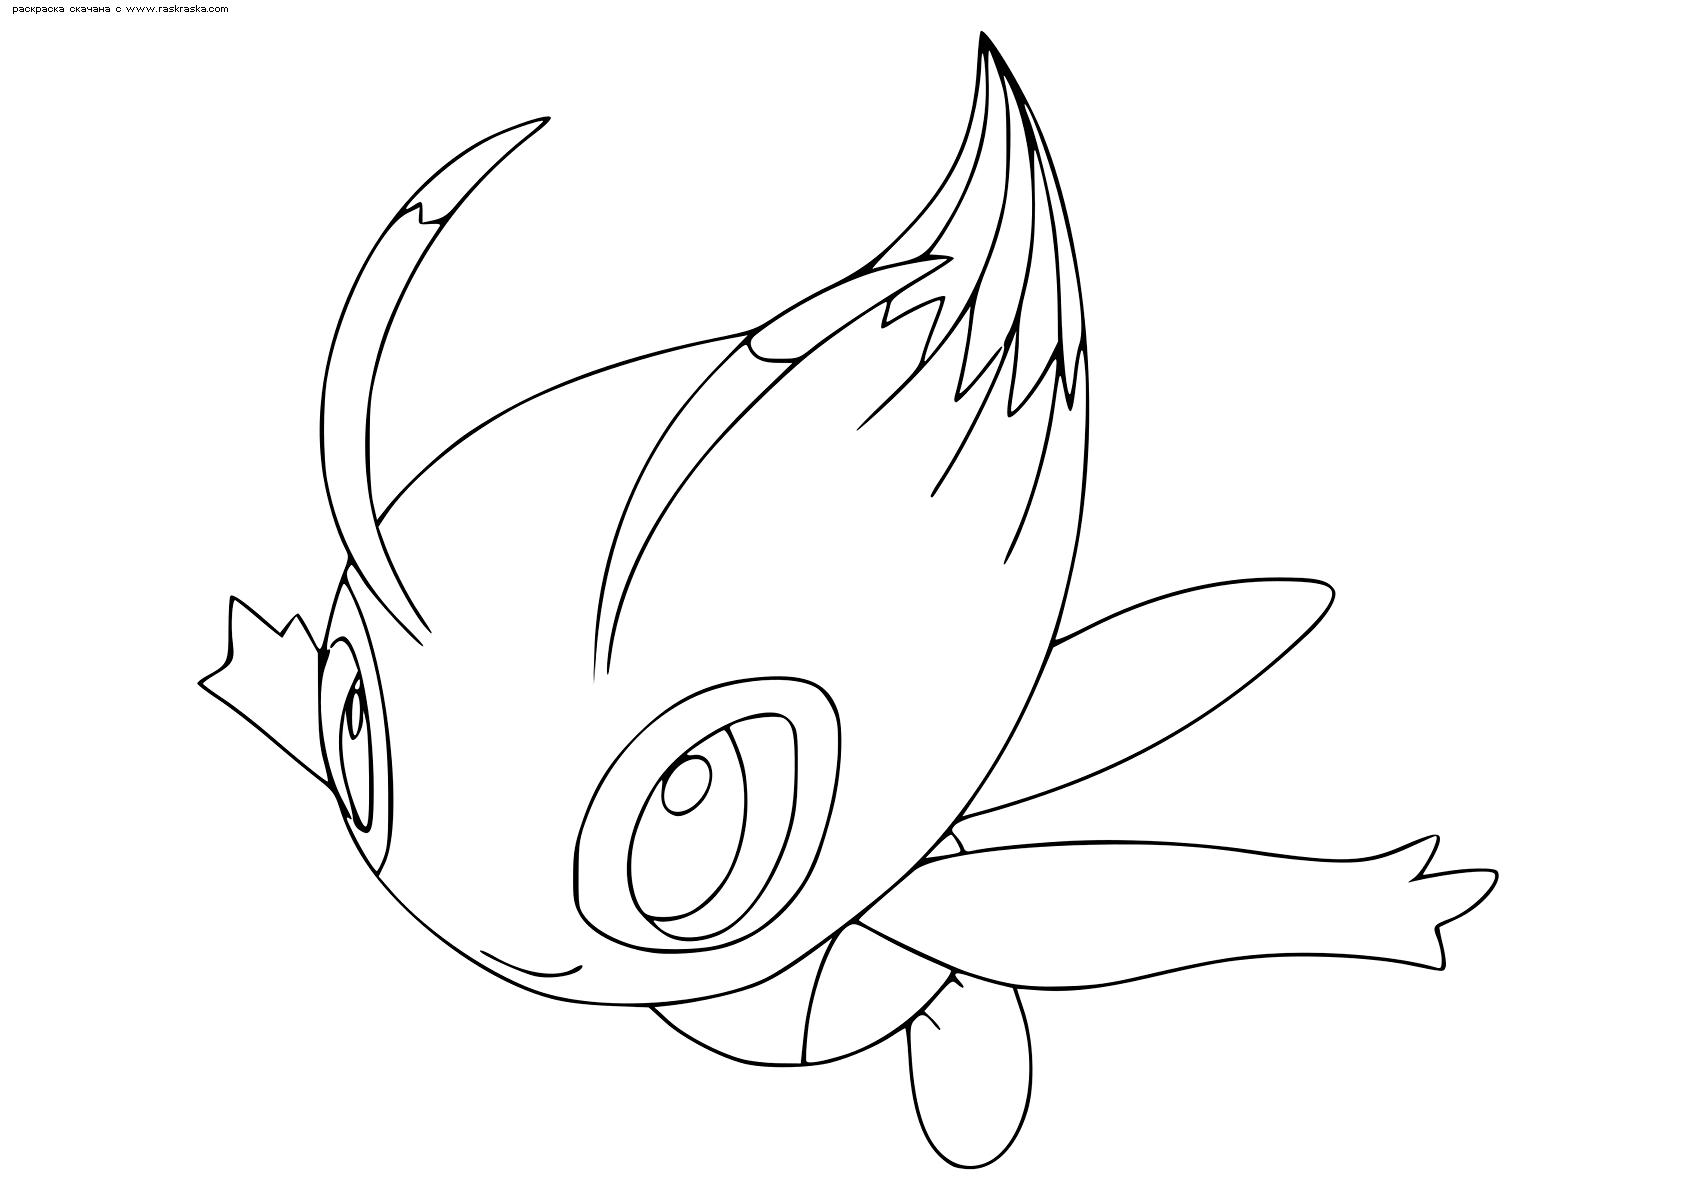 Раскраска Легендарный покемон Селеби (Celebi) | Раскраски ...